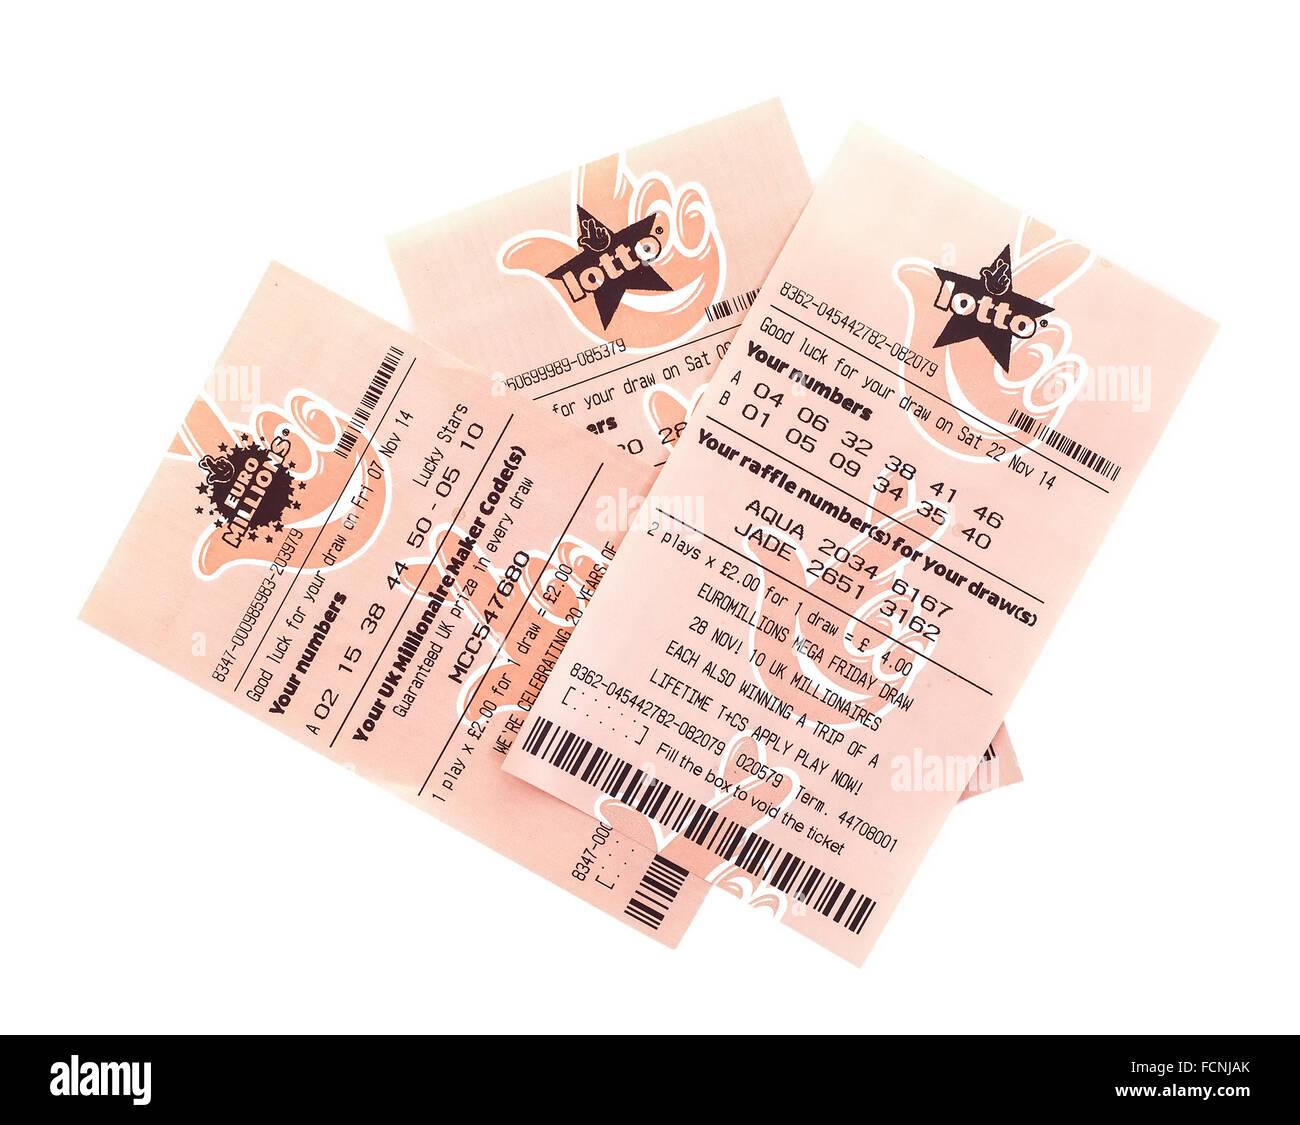 In milioni di euro e il lotto di biglietti di lottery su sfondo bianco Immagini Stock